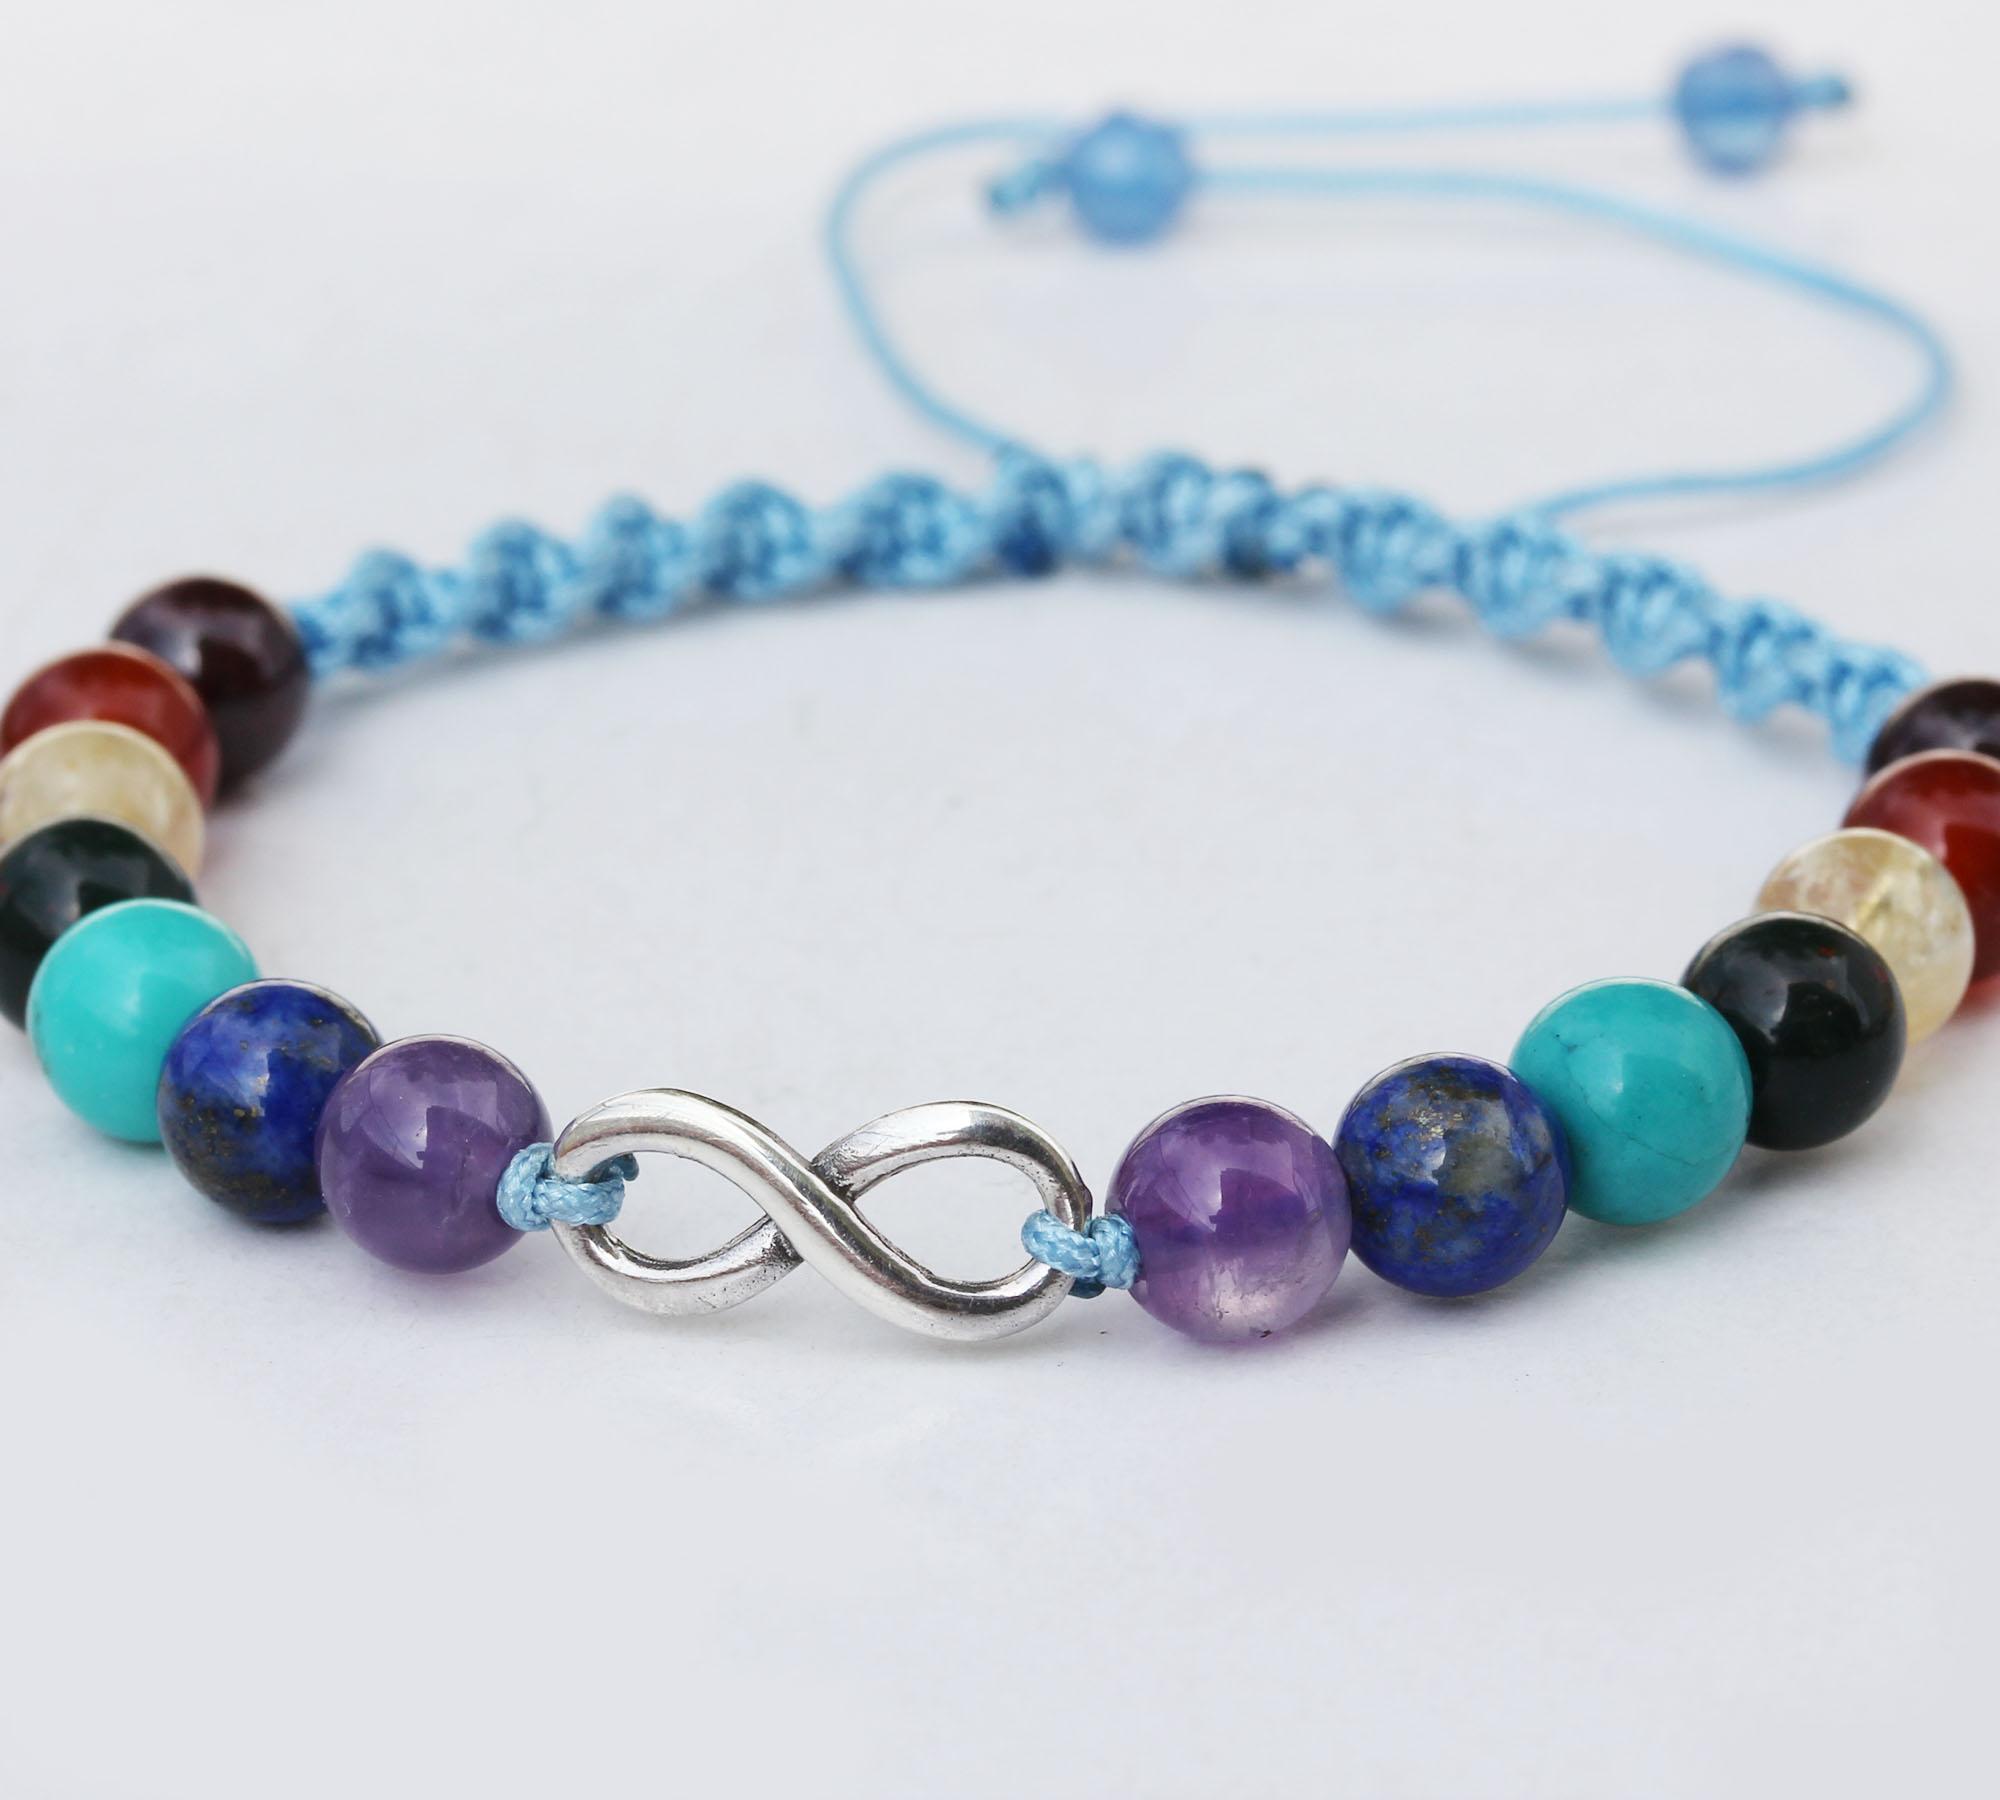 7 chakra with infinity bracelet